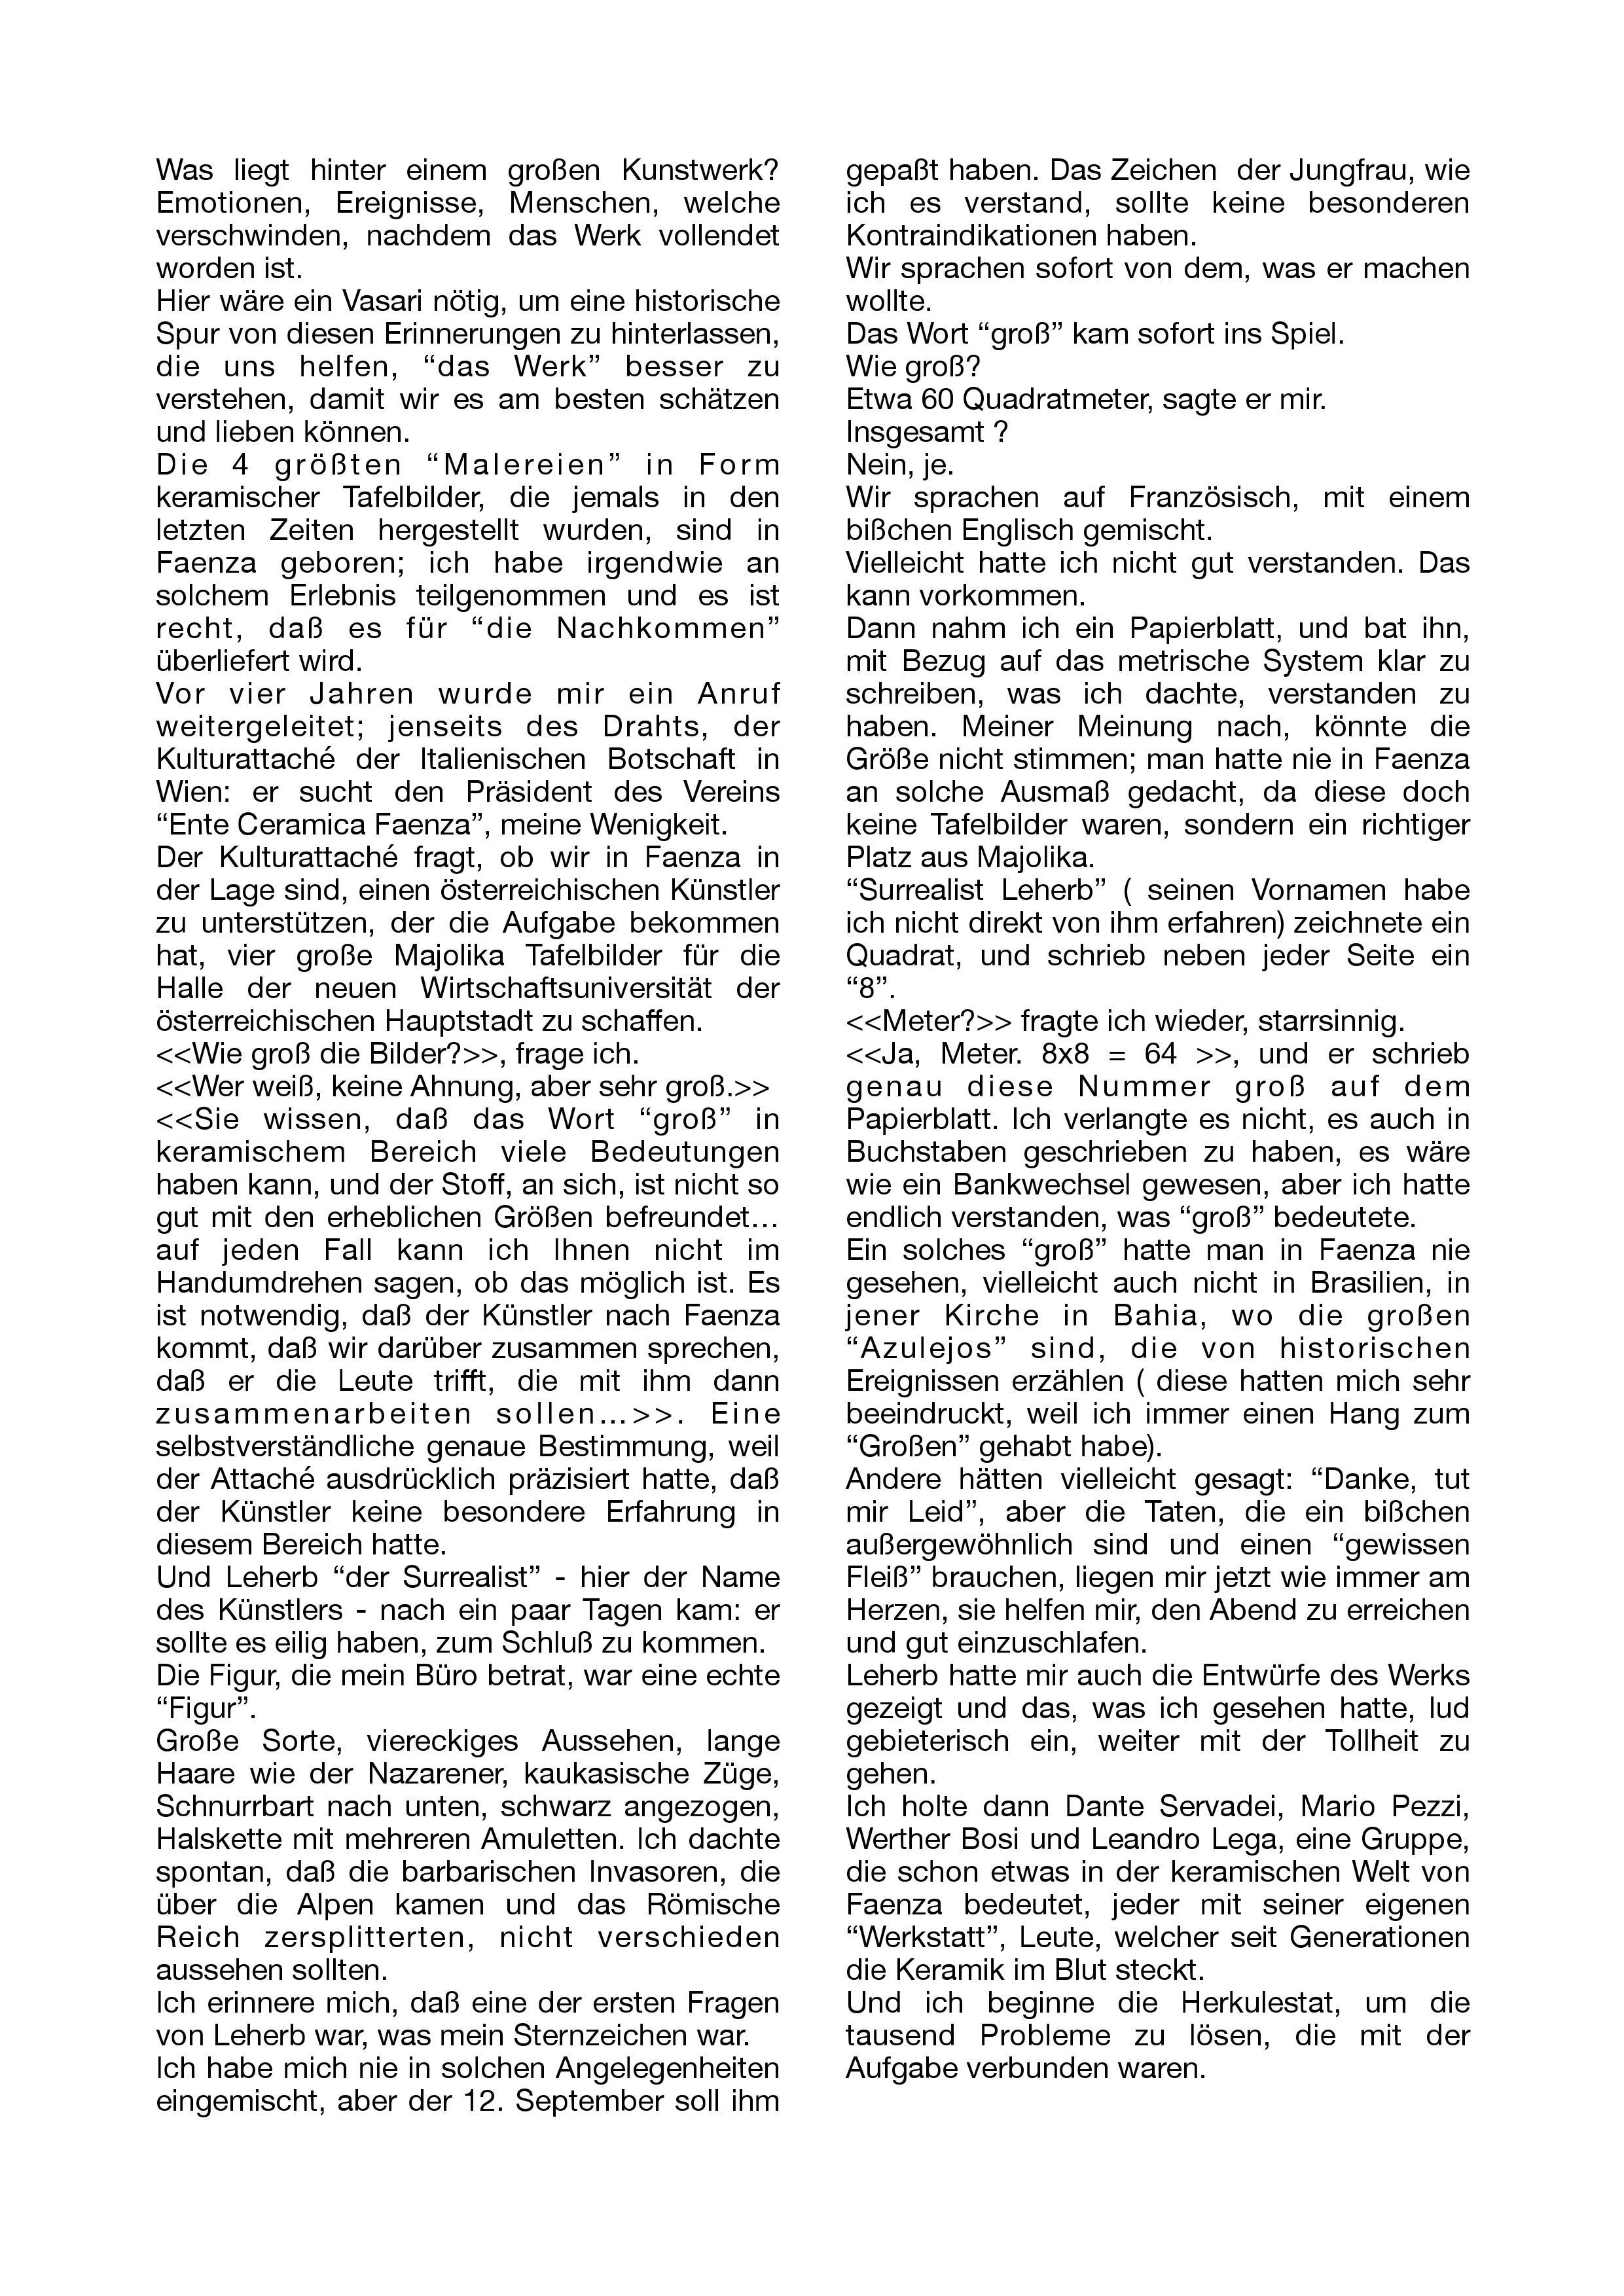 Articolo Alteo Dolcini 1984 traduzione in tedesco